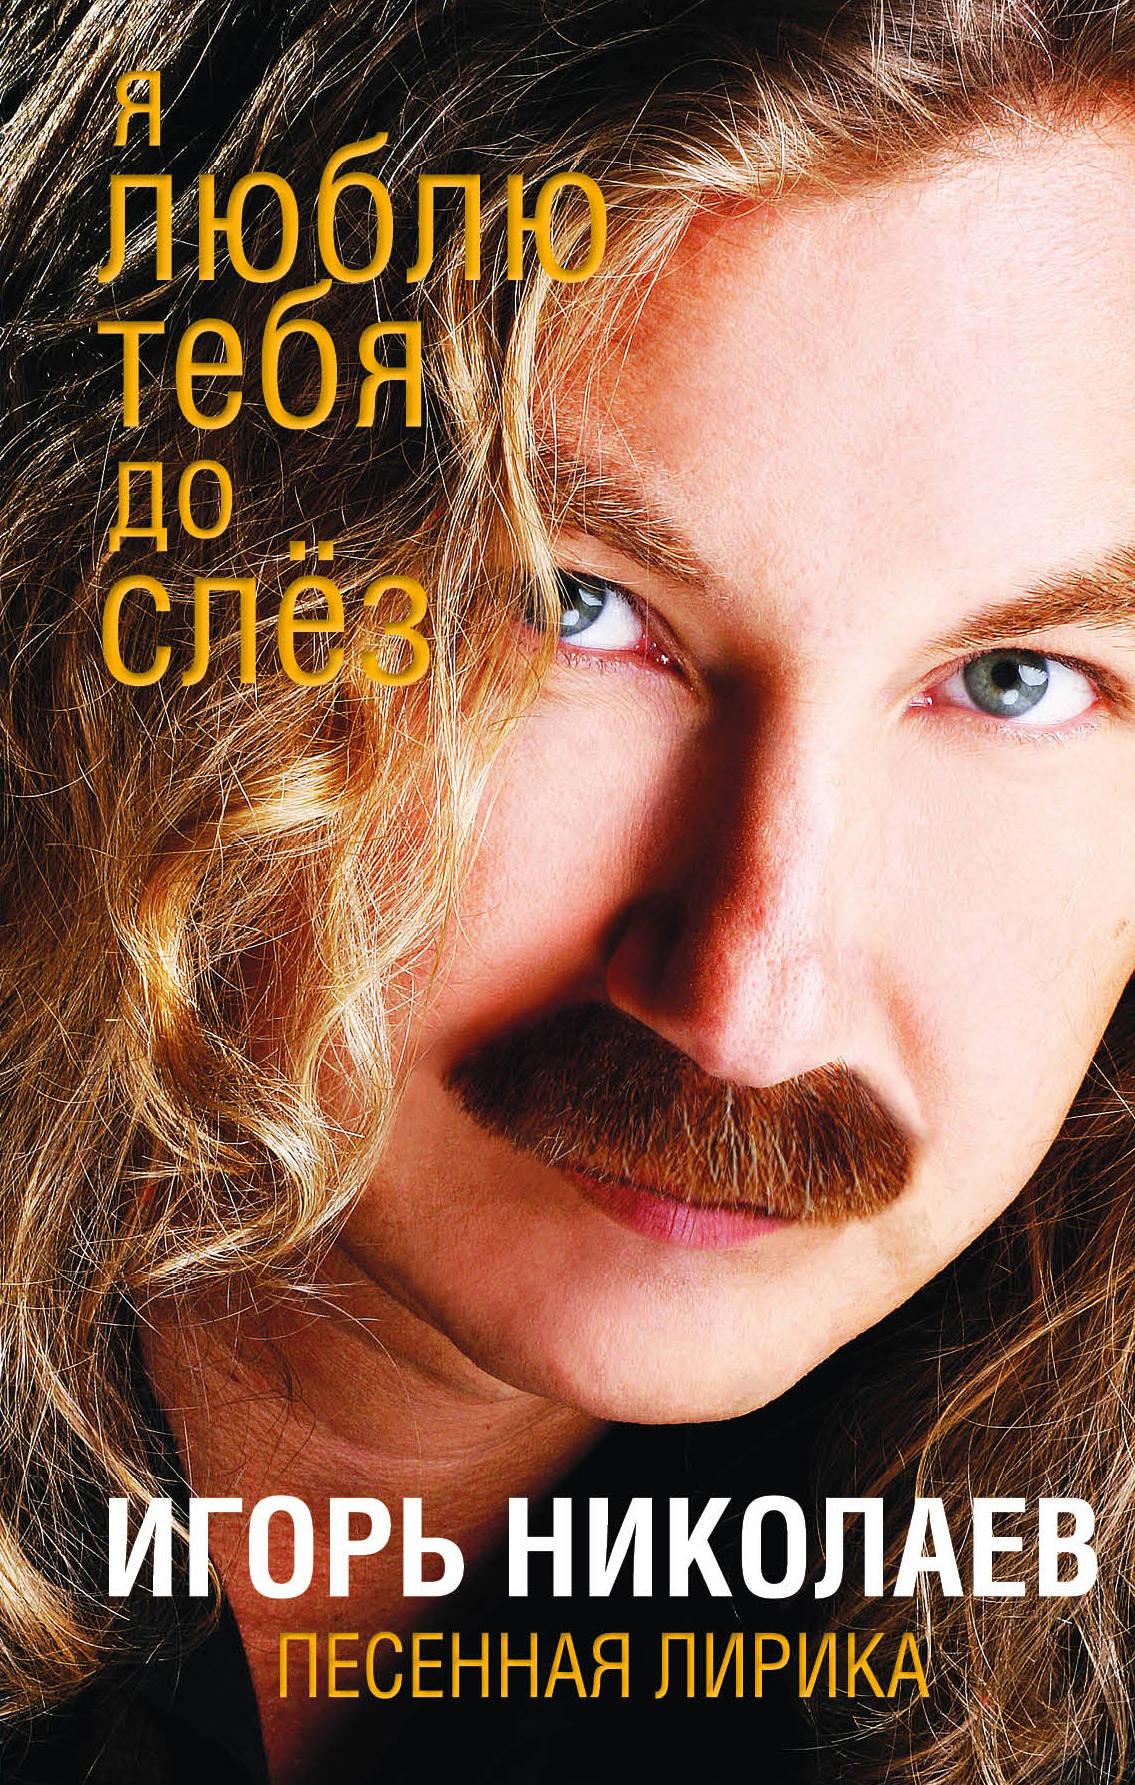 Игорь Николаев Я люблю тебя до слез чай люблю тебя